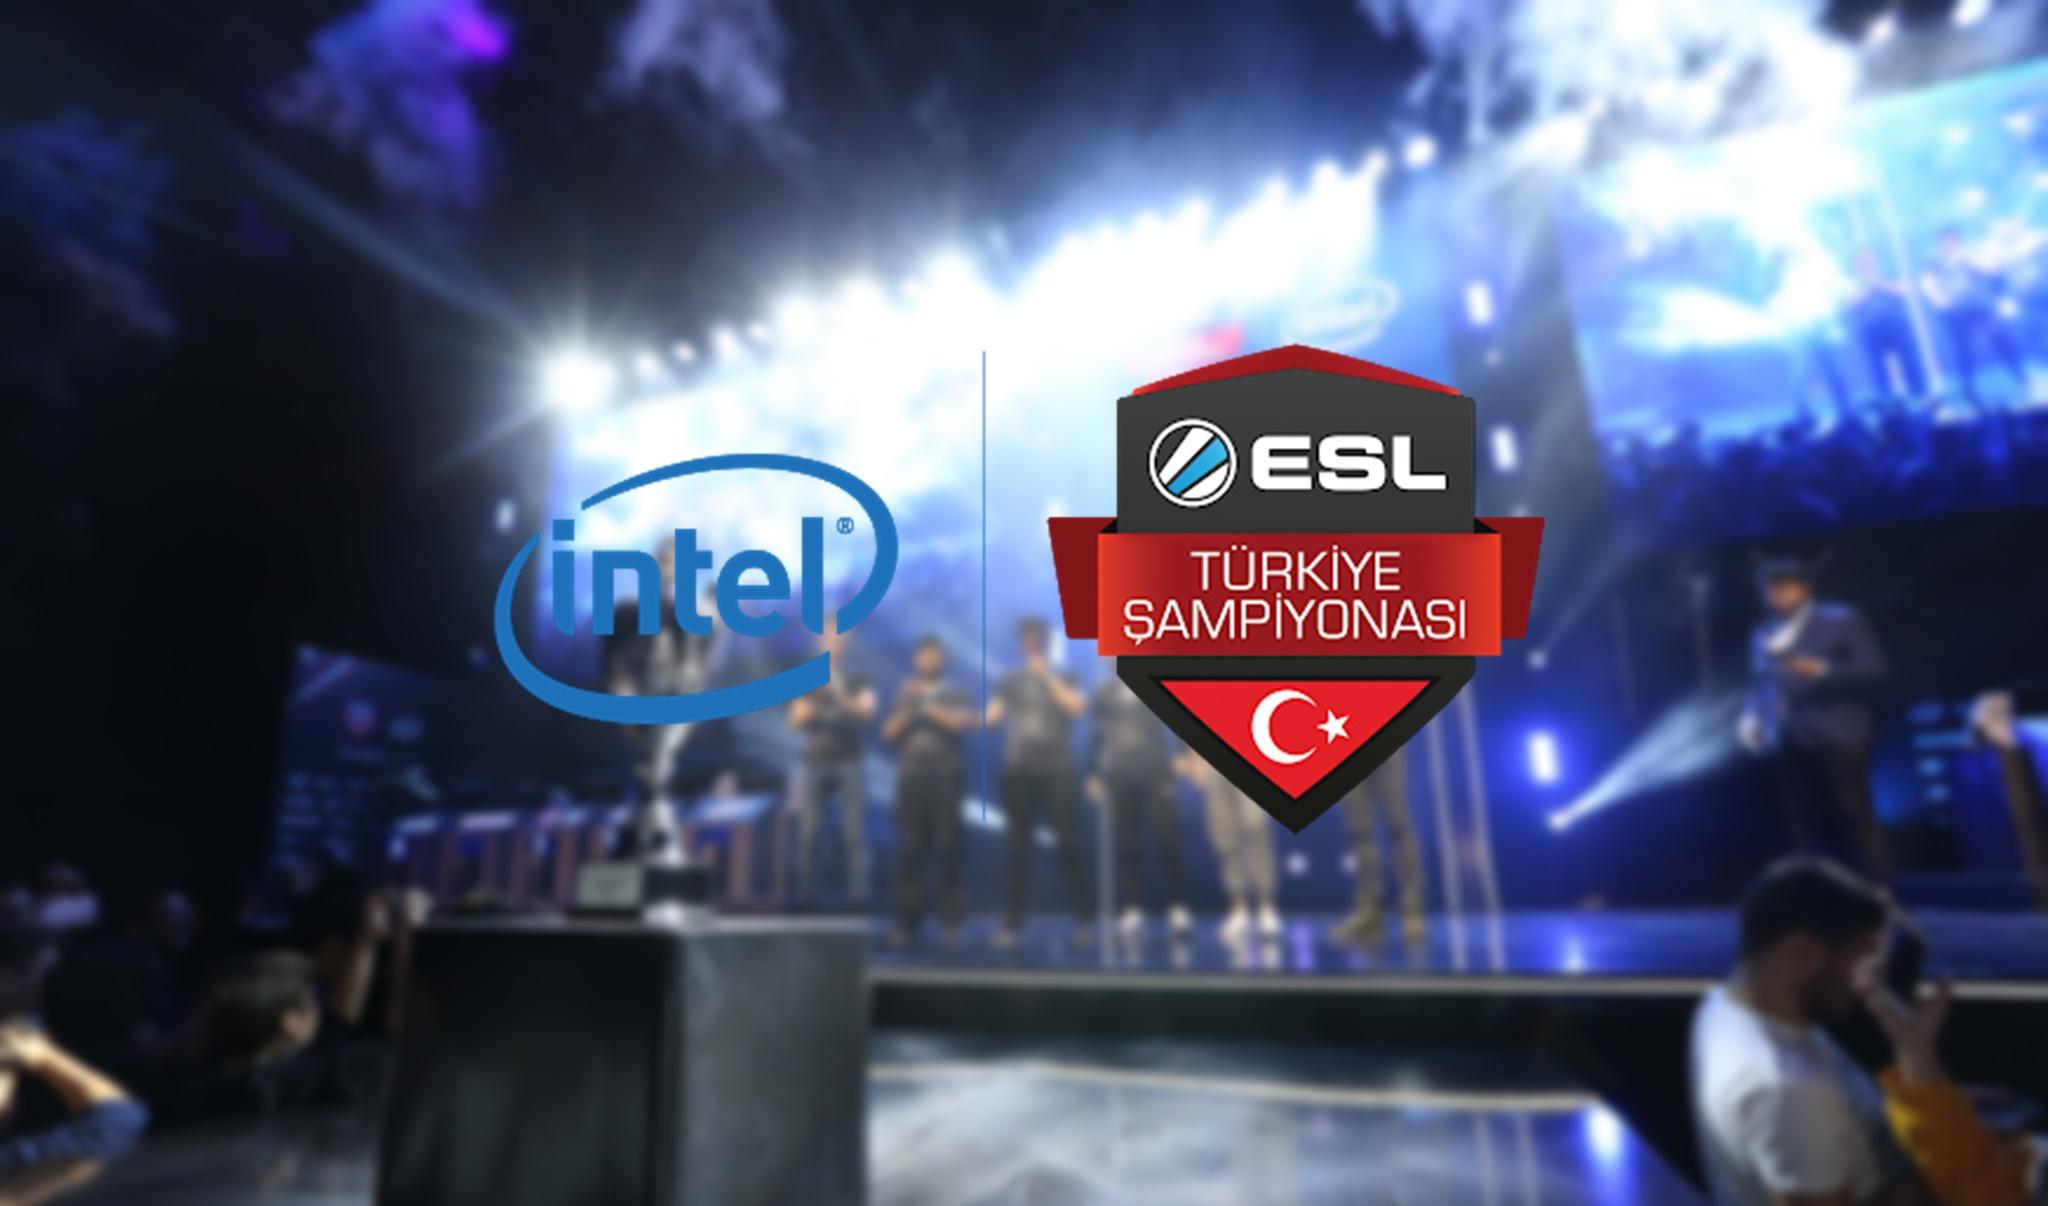 ESL Türkiye Şampiyonası'nda dördüncü elemeler başlıyor!